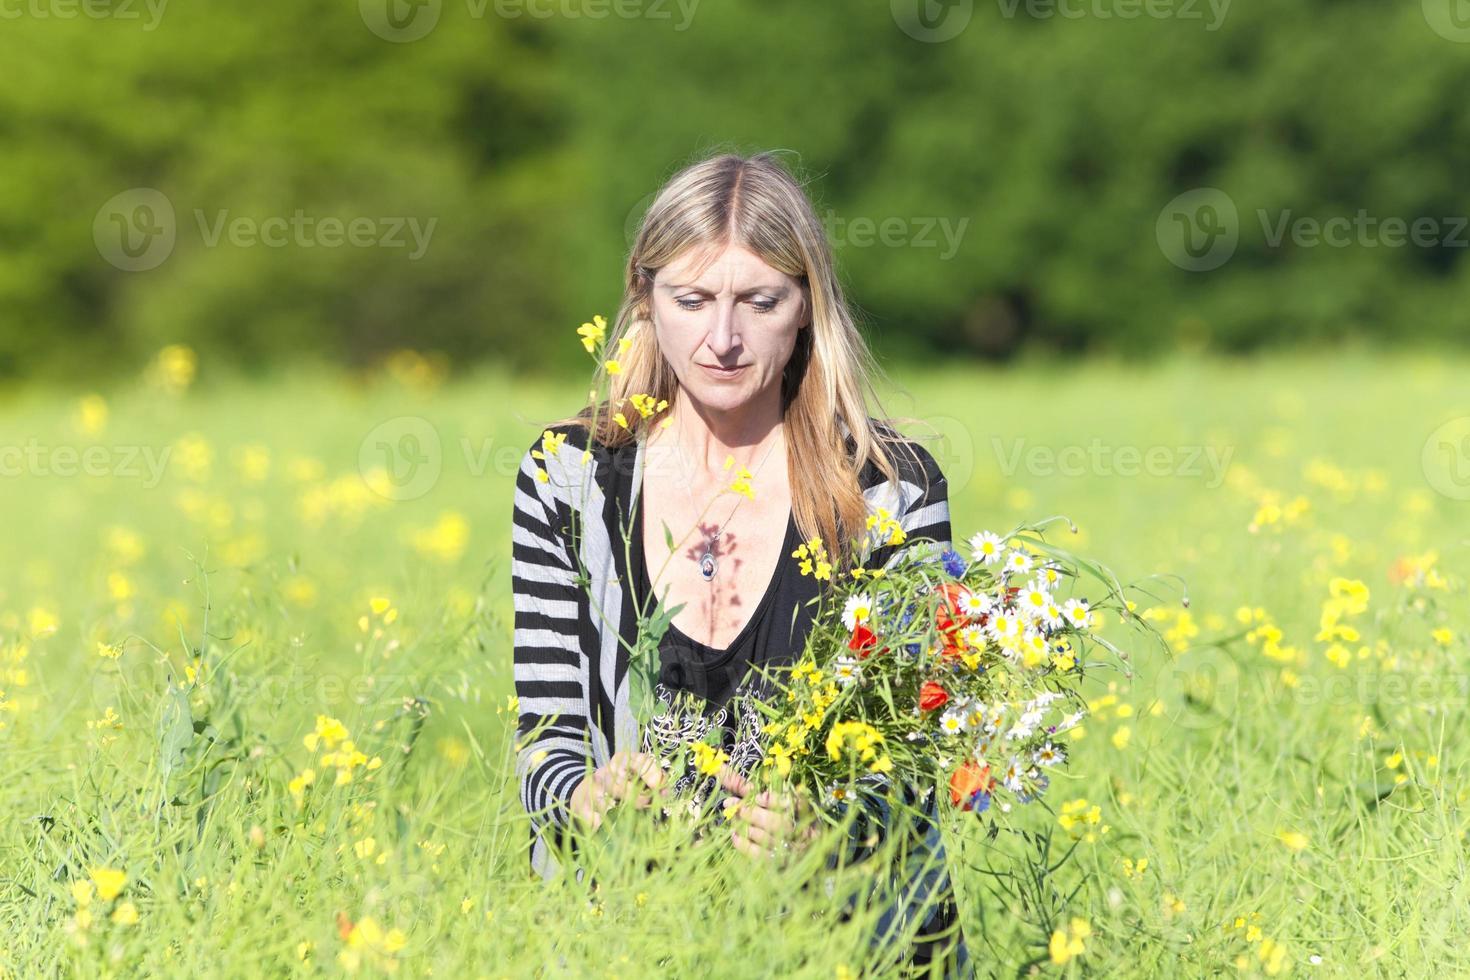 mujer recogiendo flores silvestres en el prado foto